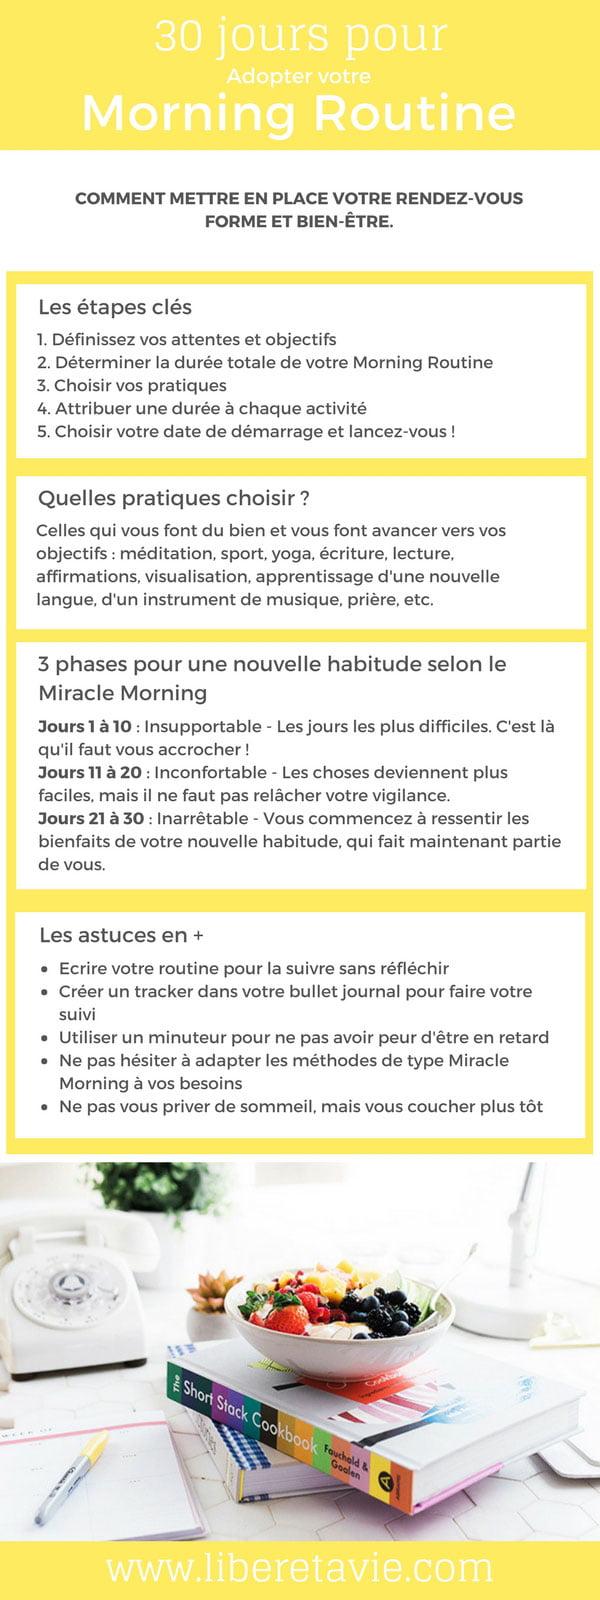 Relevez le défi 30 jours pour adopter votre Morning Routine ! Et découvrez comment mettre en place votre rendez-vous forme, bien-être et développement personnel.